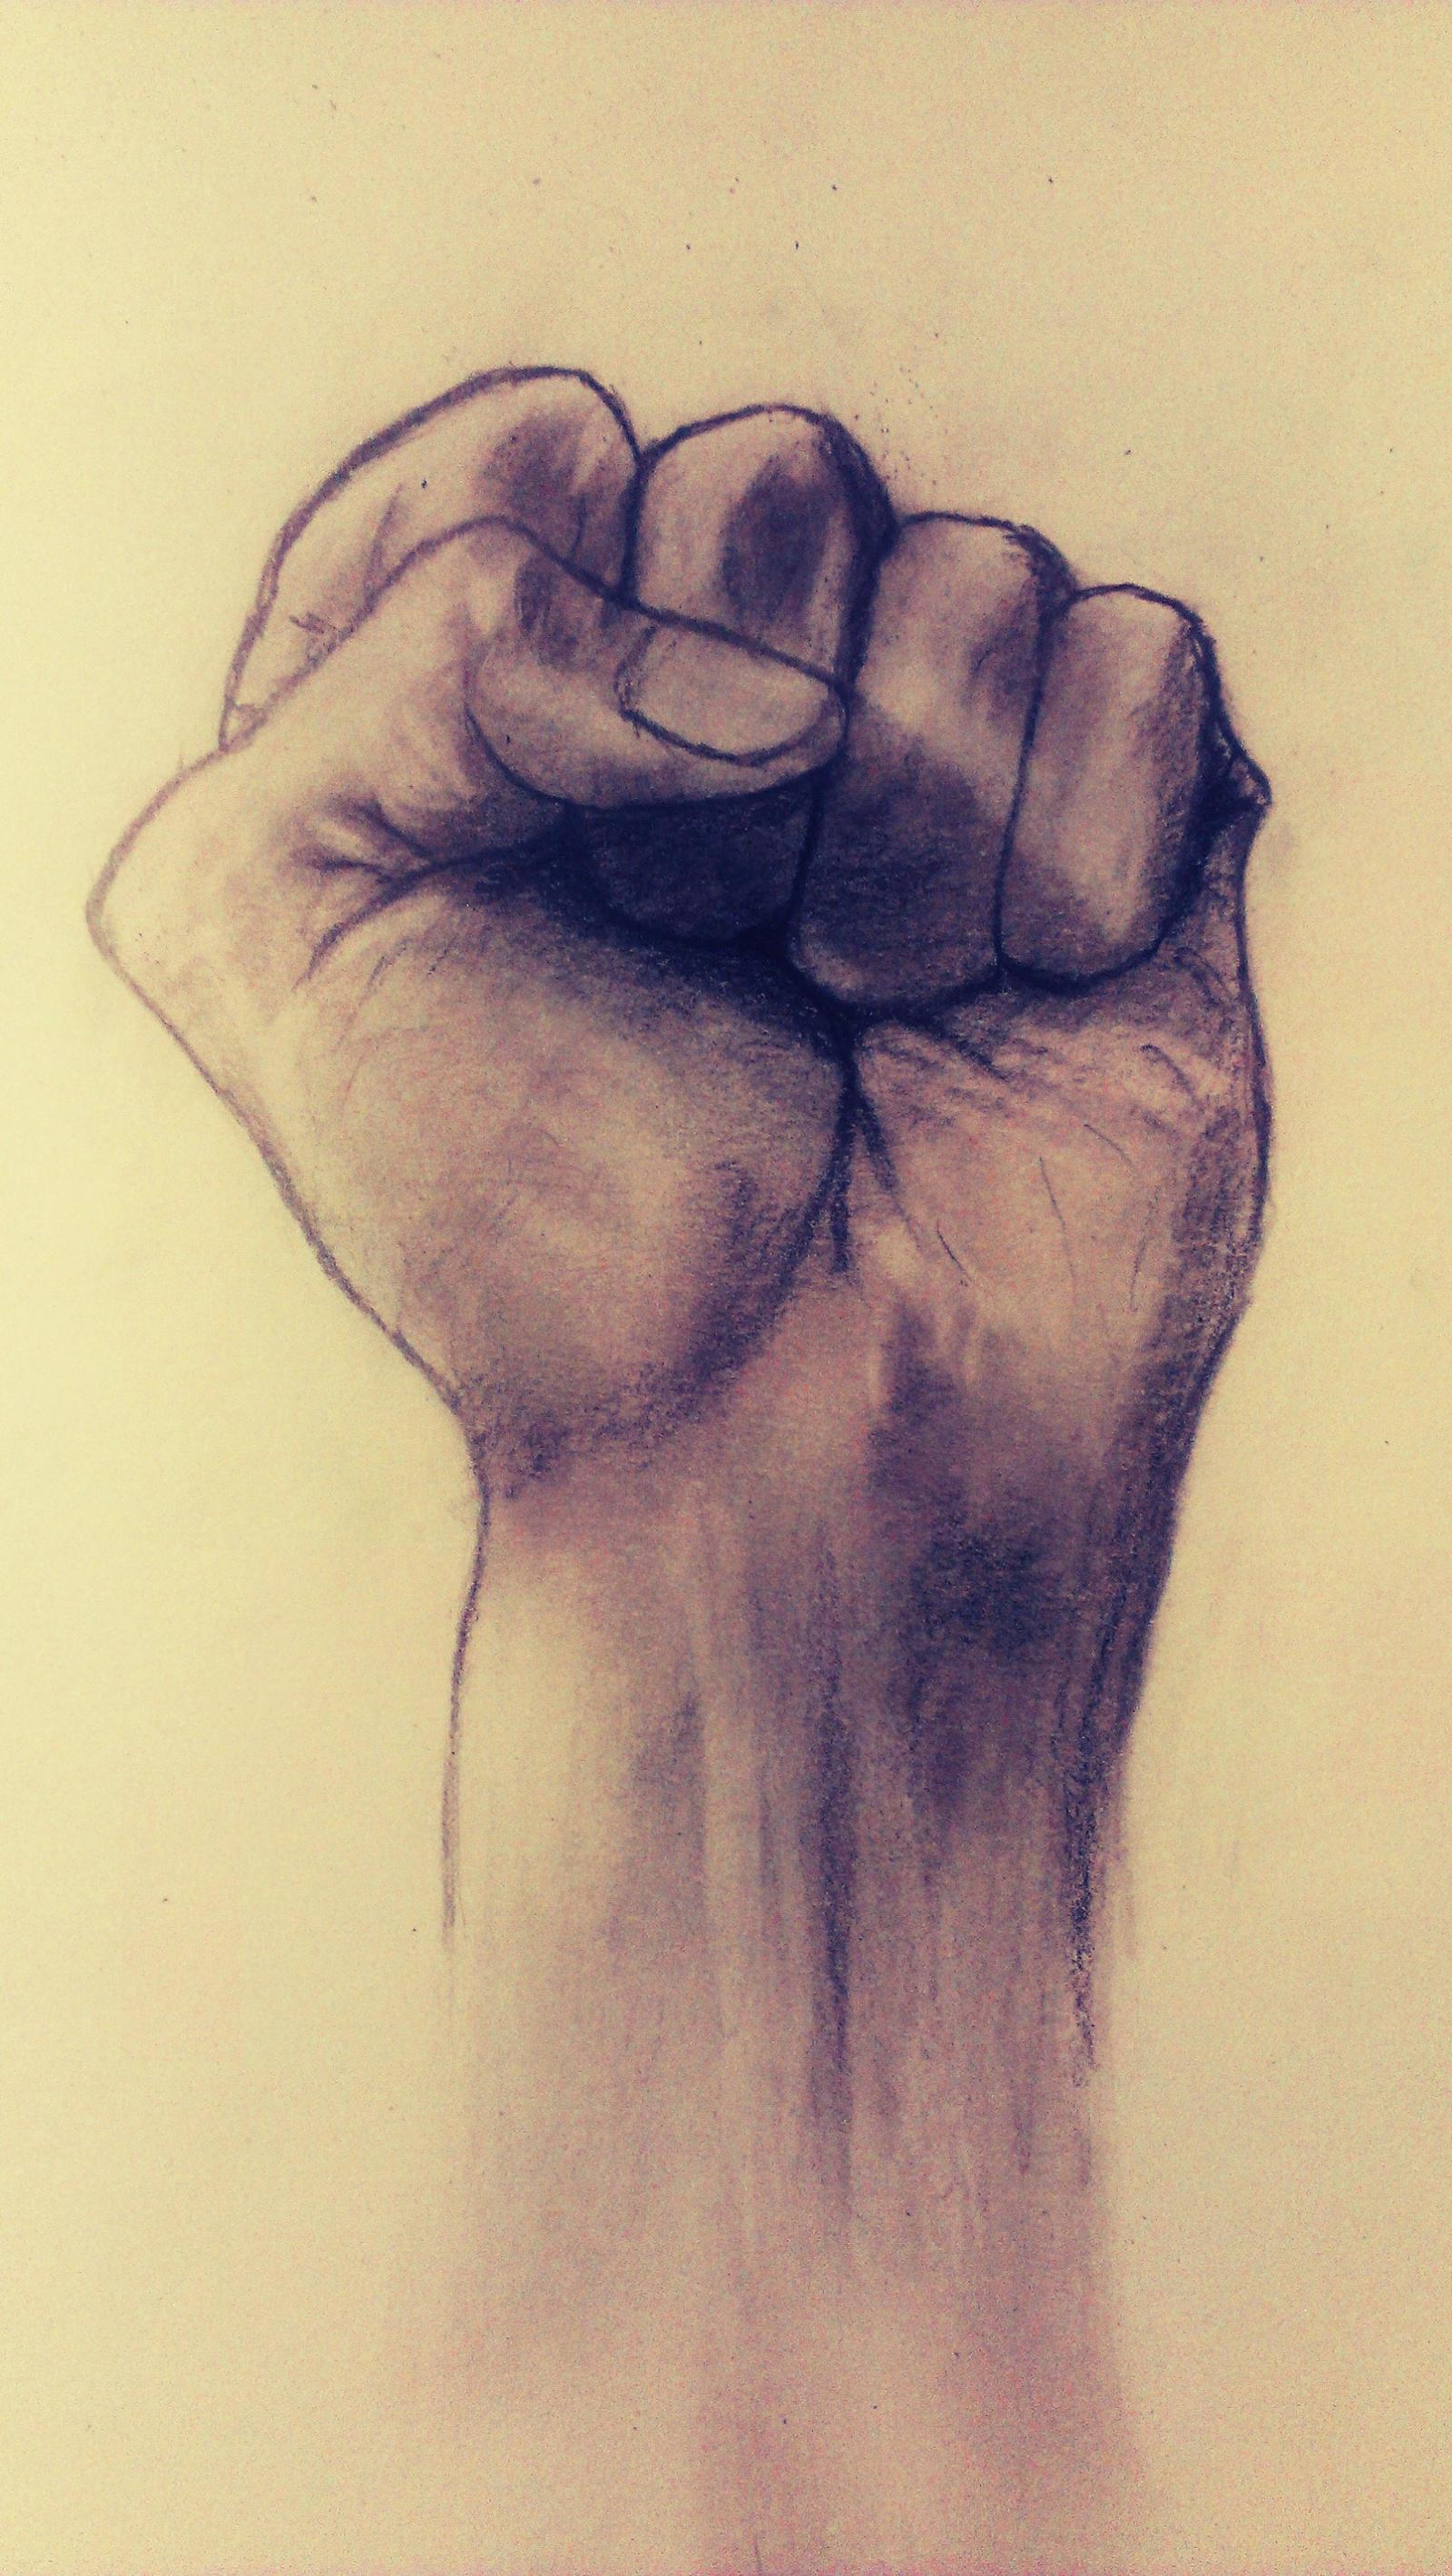 My left hand by KrzaczeK93